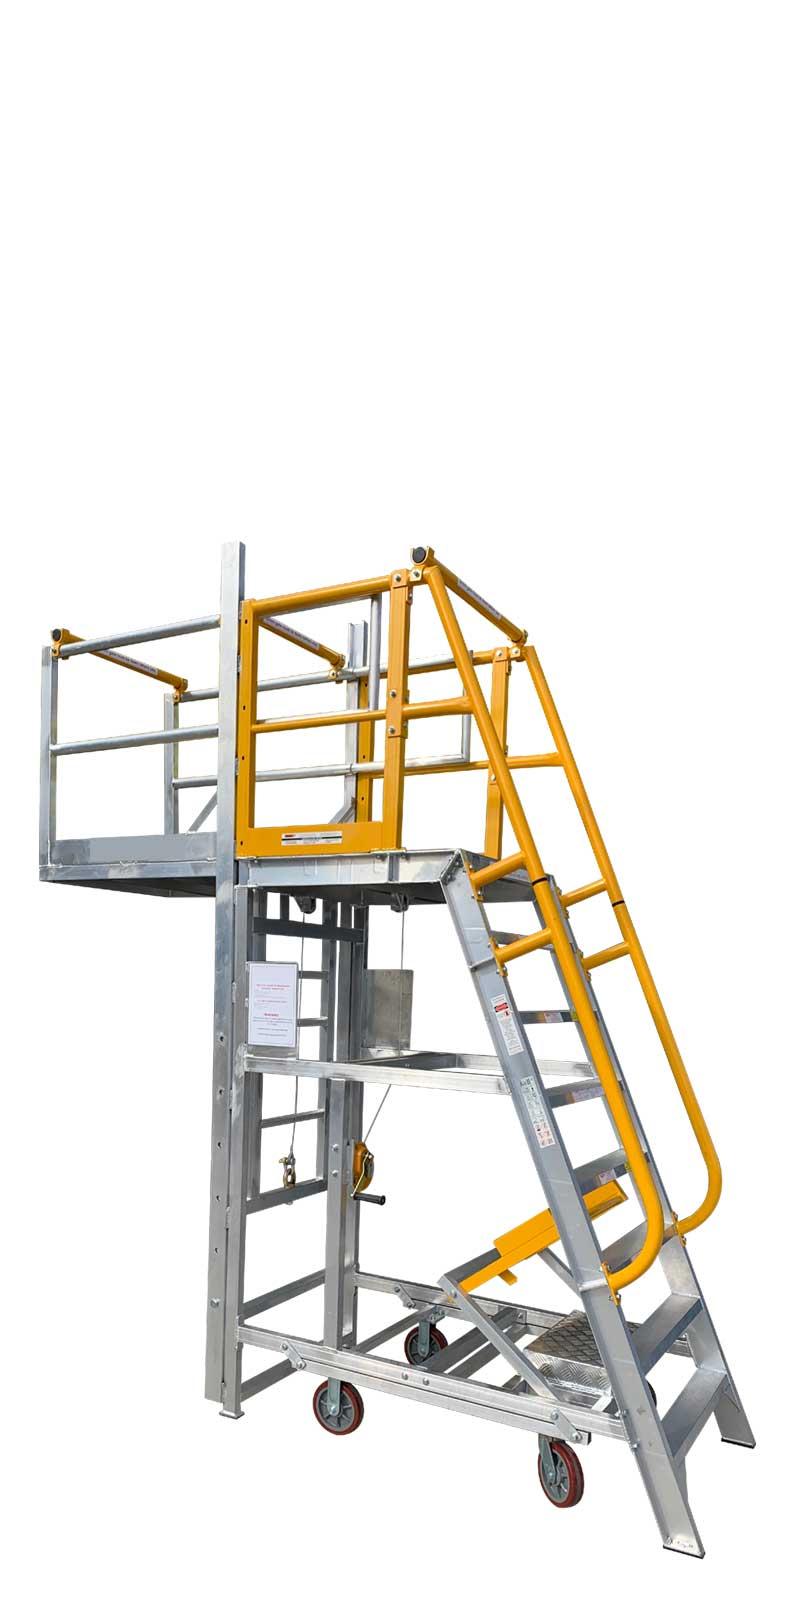 ADJP1400 Adjustable Cantilever Work platform